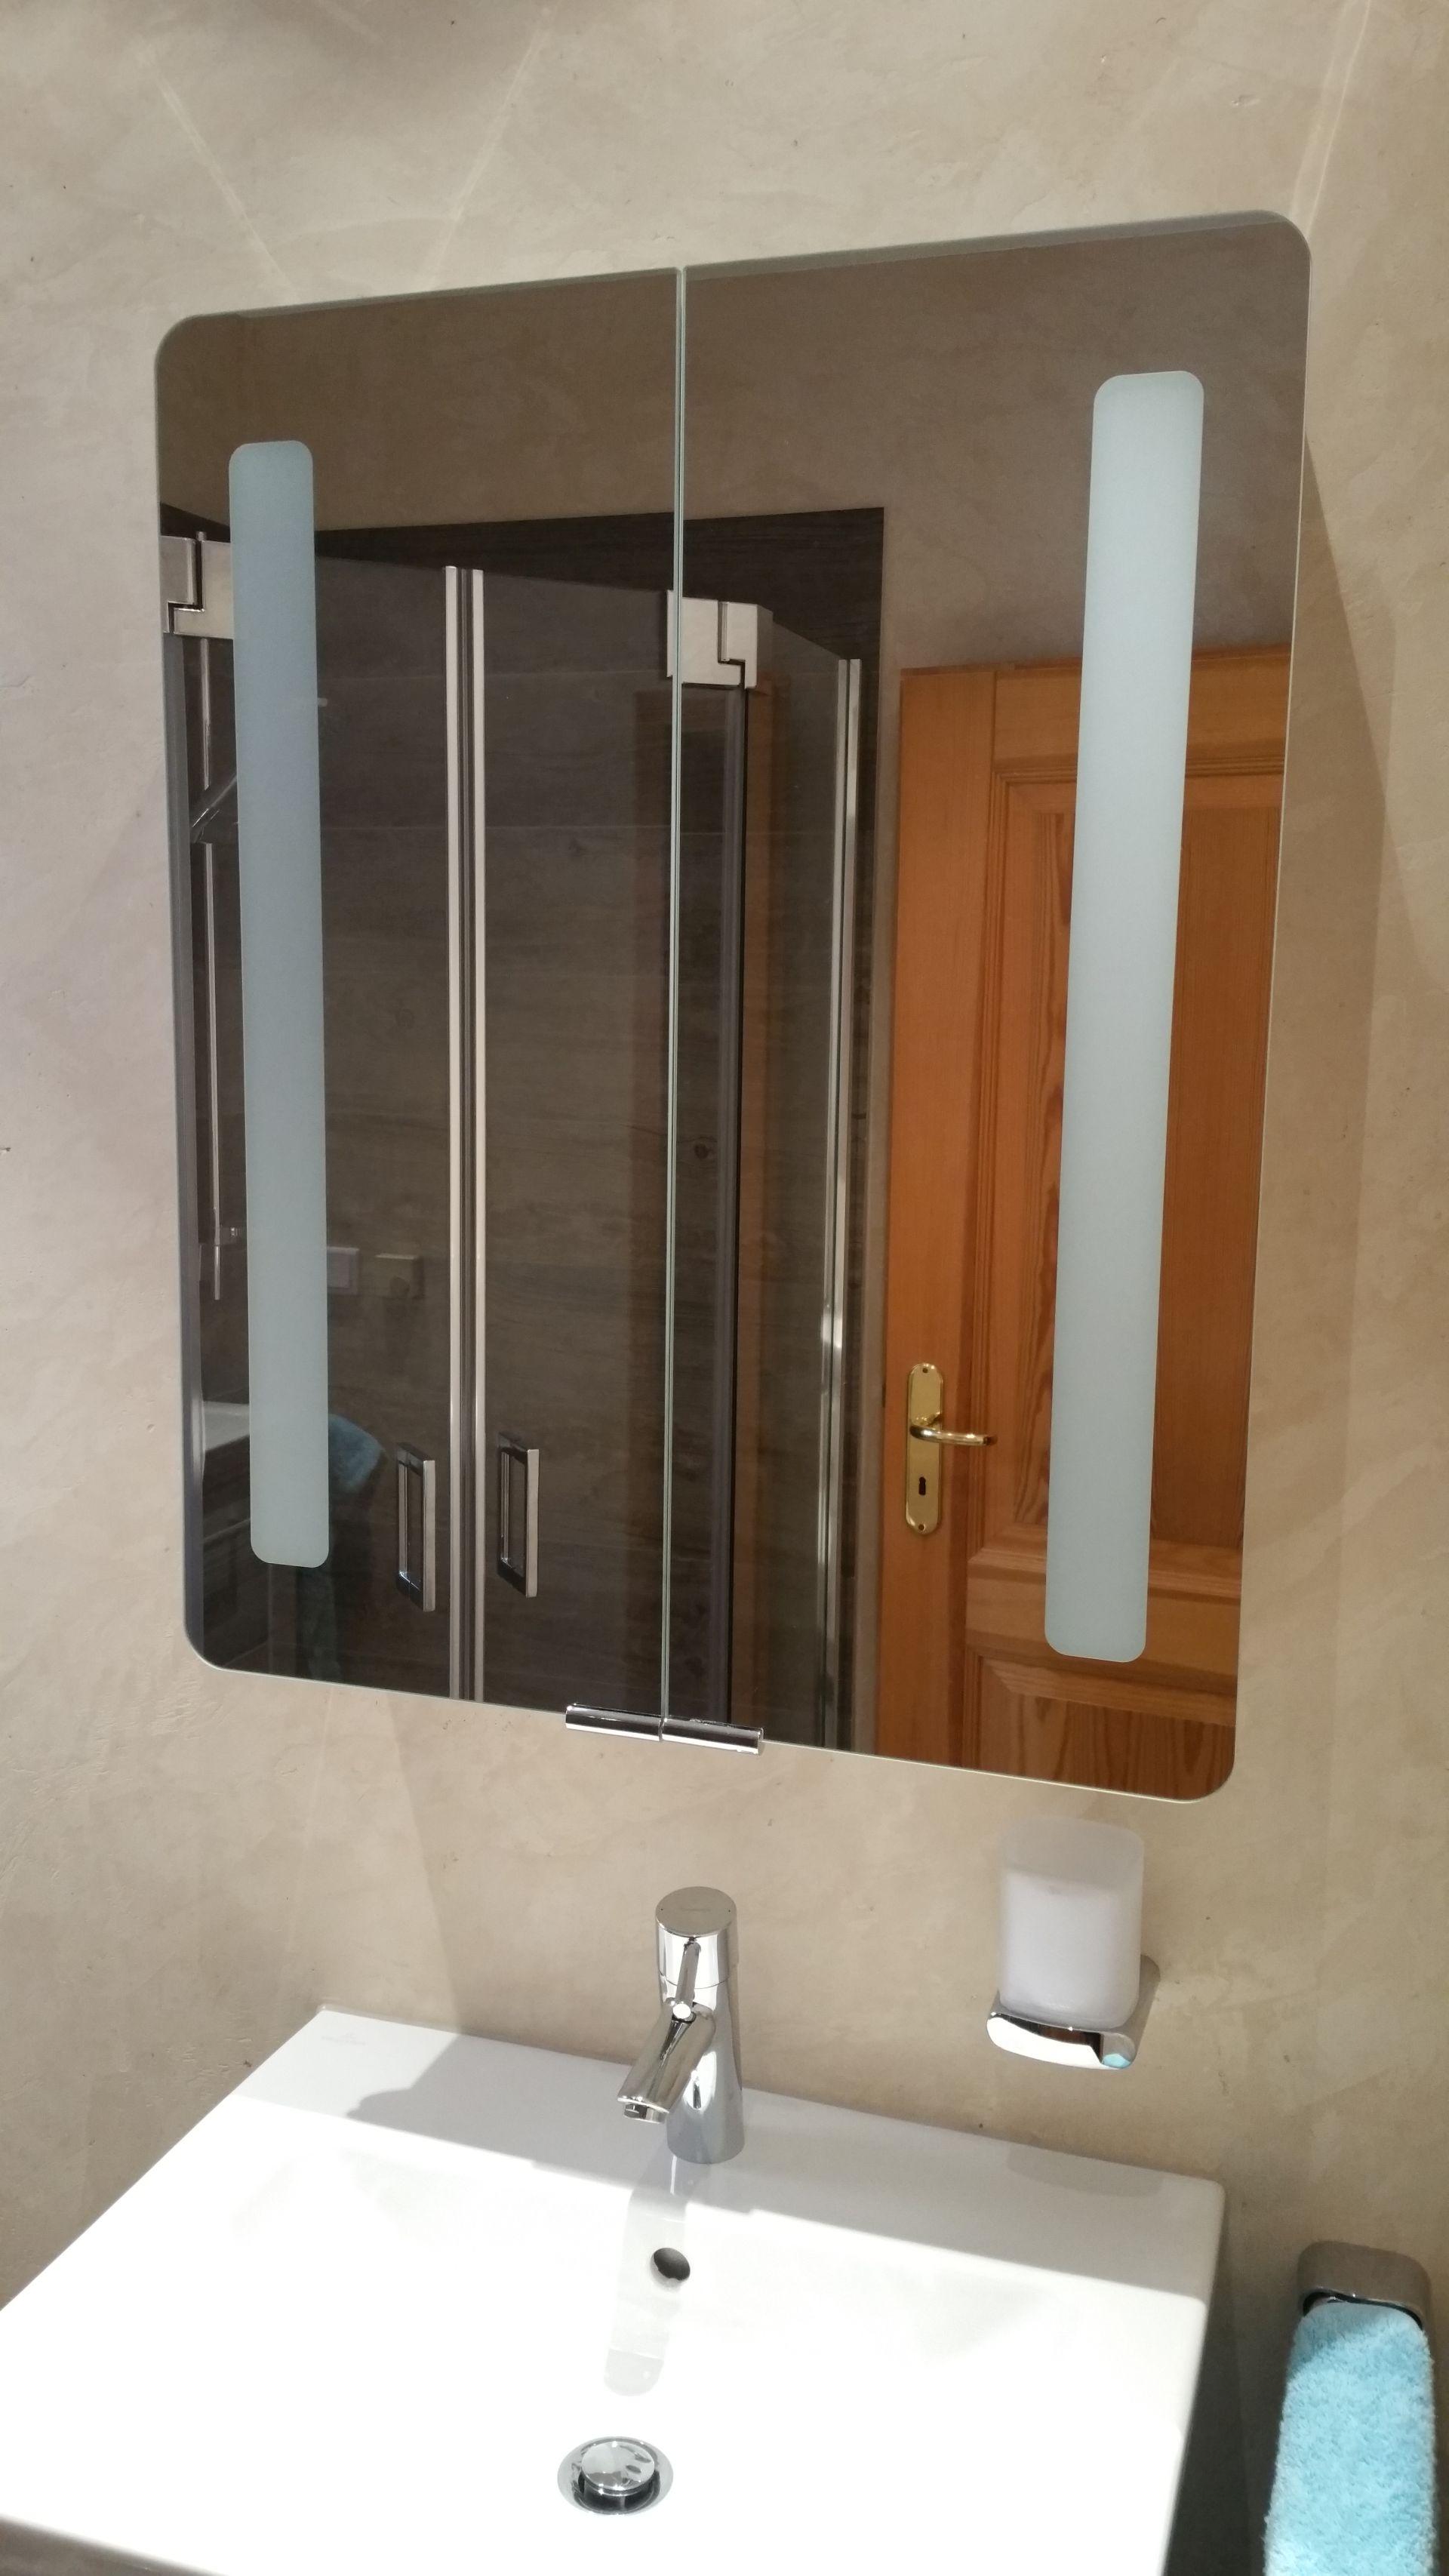 Designwaschbecken Bodengleiche Dusche Und Wc In Einem